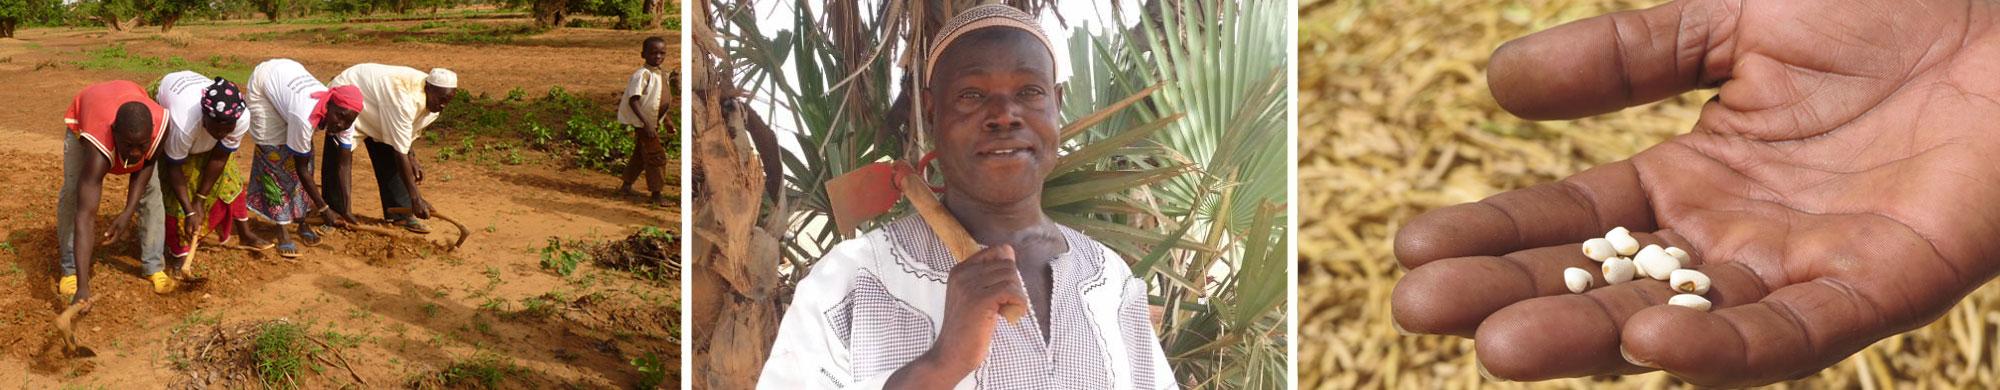 Appel aux dons : aidez Zore, sa famille et des milliers d'autres paysans à affronter les caprices du climat au Burkina Faso !